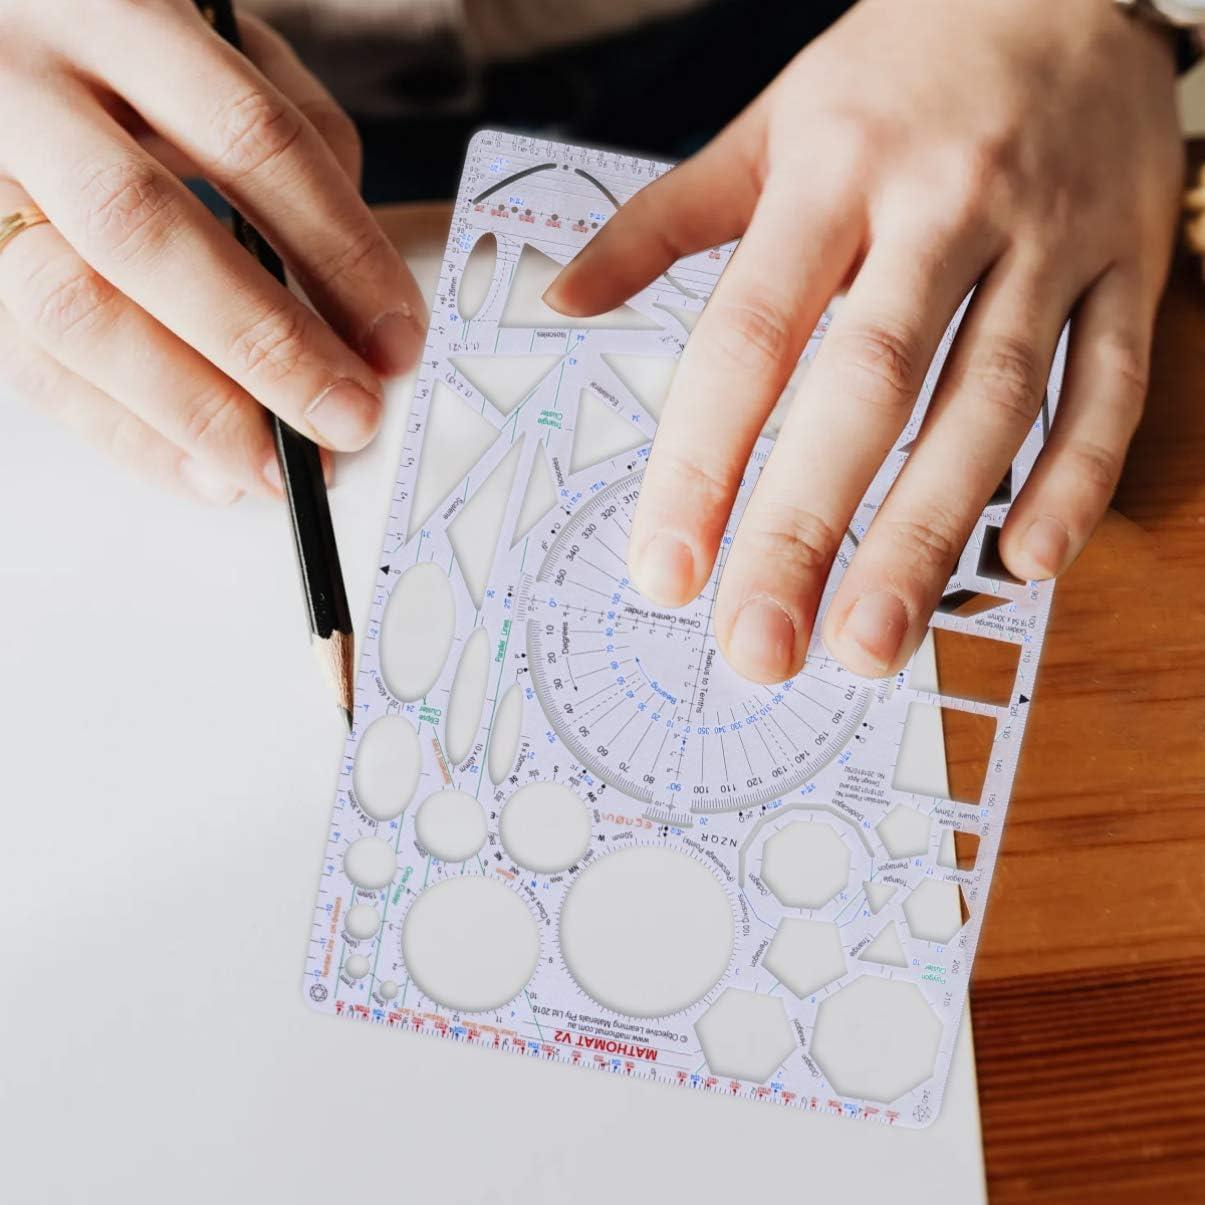 Tomaibaby 2 Piezas Plantilla de Dibujo Geom/étrico Pl/ástico Paisaje Plantilla Muebles Plantillas Regla Formas Herramientas de Dibujo para Pintor Estudiante Dise/ñador